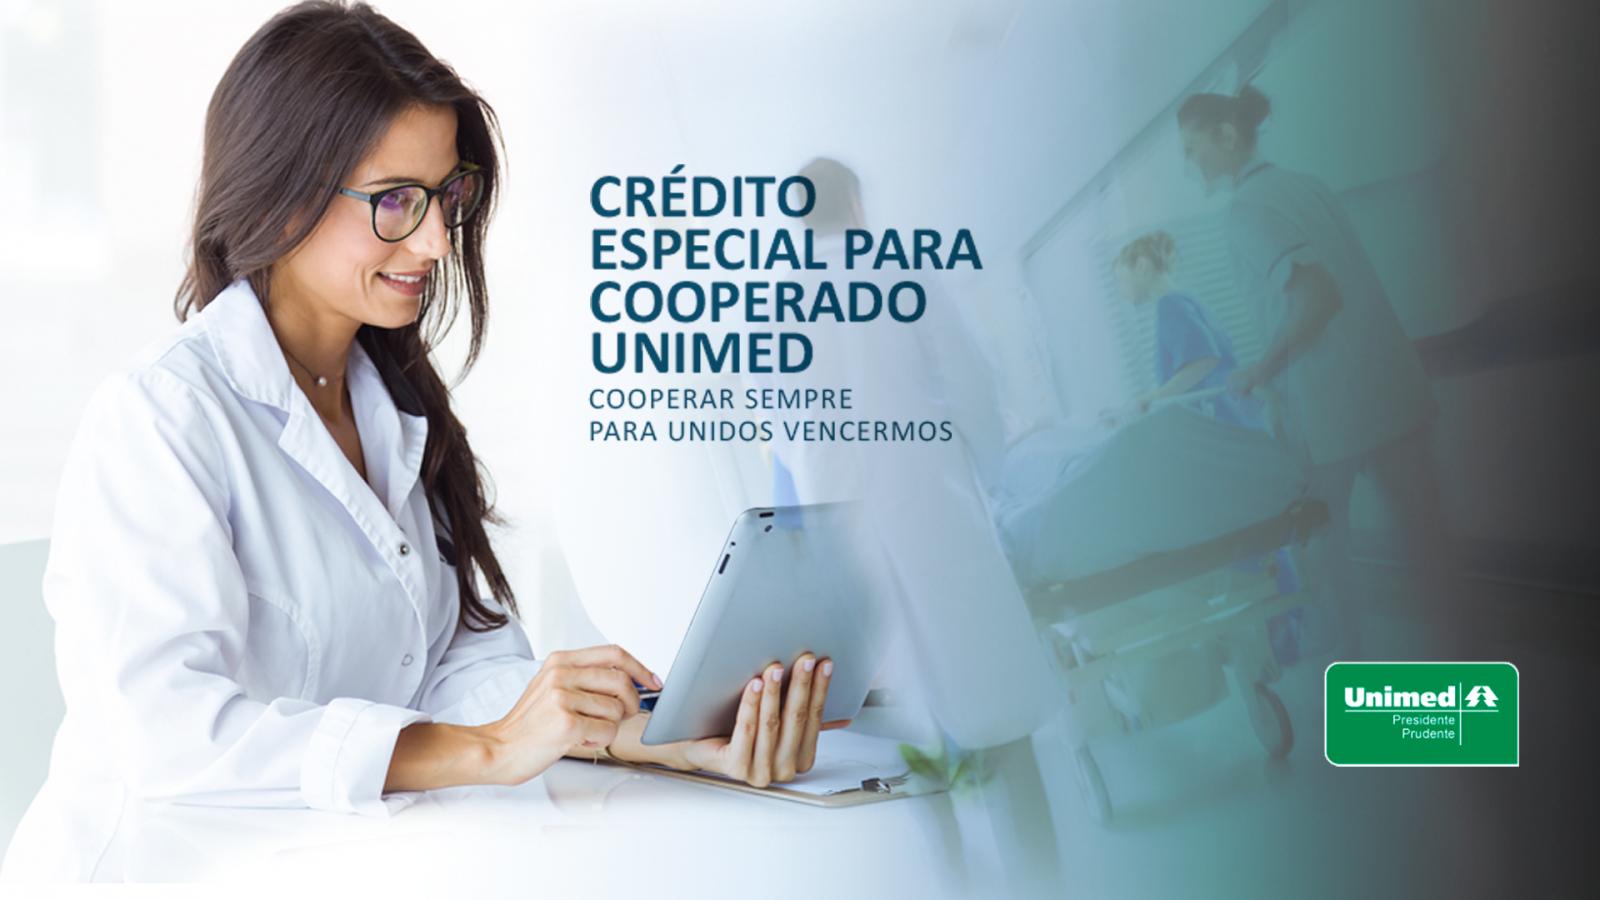 Crédito Cooperado Unimed